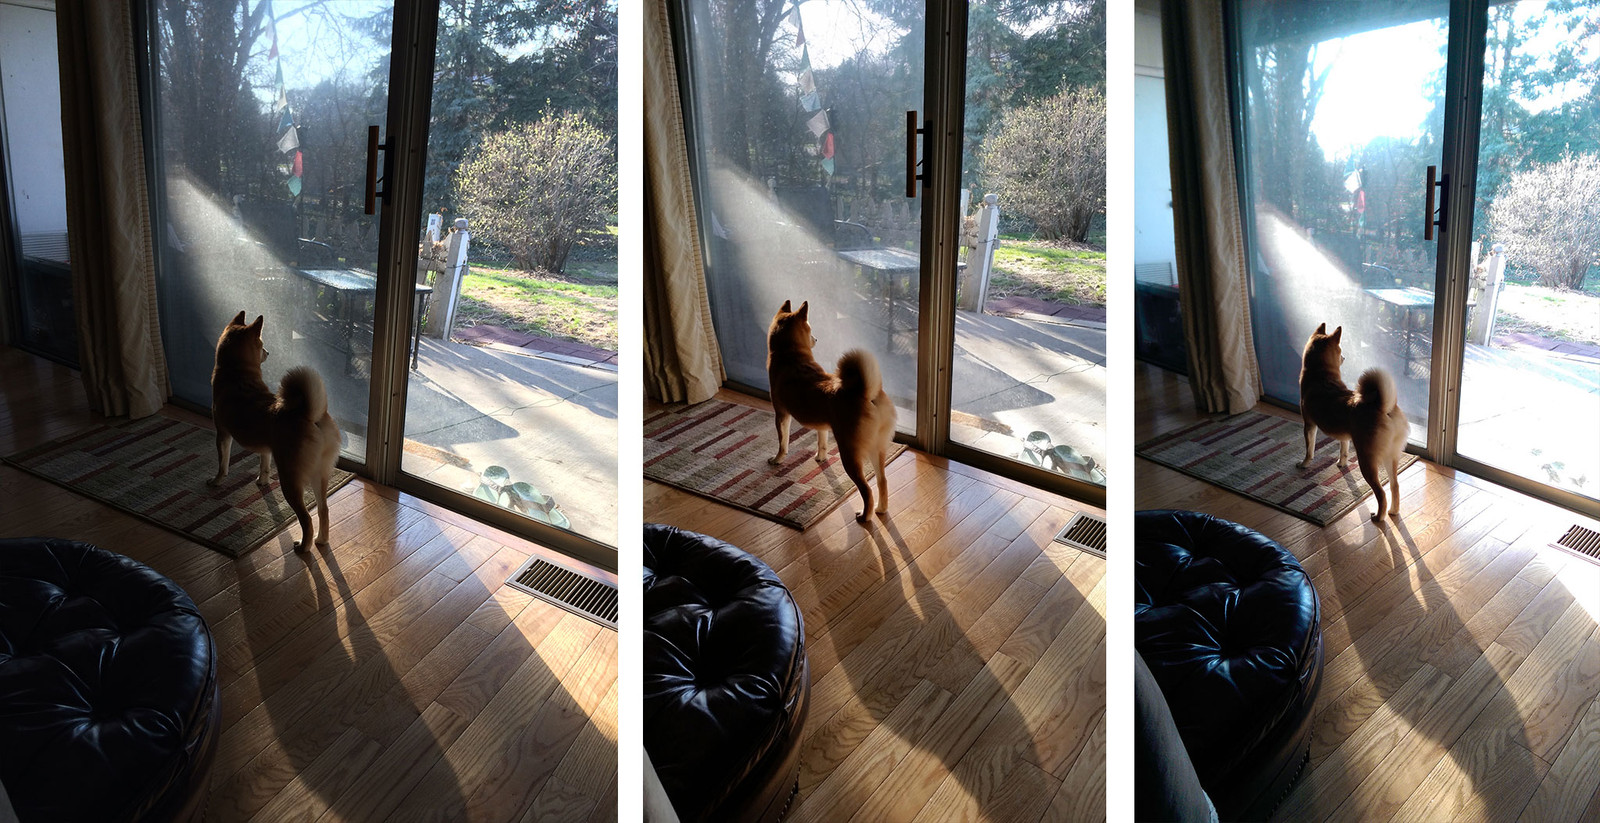 5s_m8_gs5_photo_comparison_10